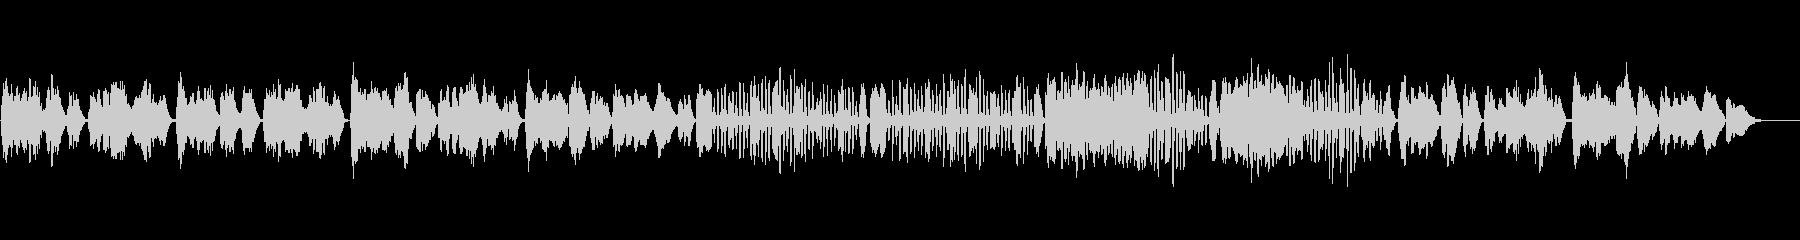 ベートーベン/メヌエット/バイオリンソロの未再生の波形